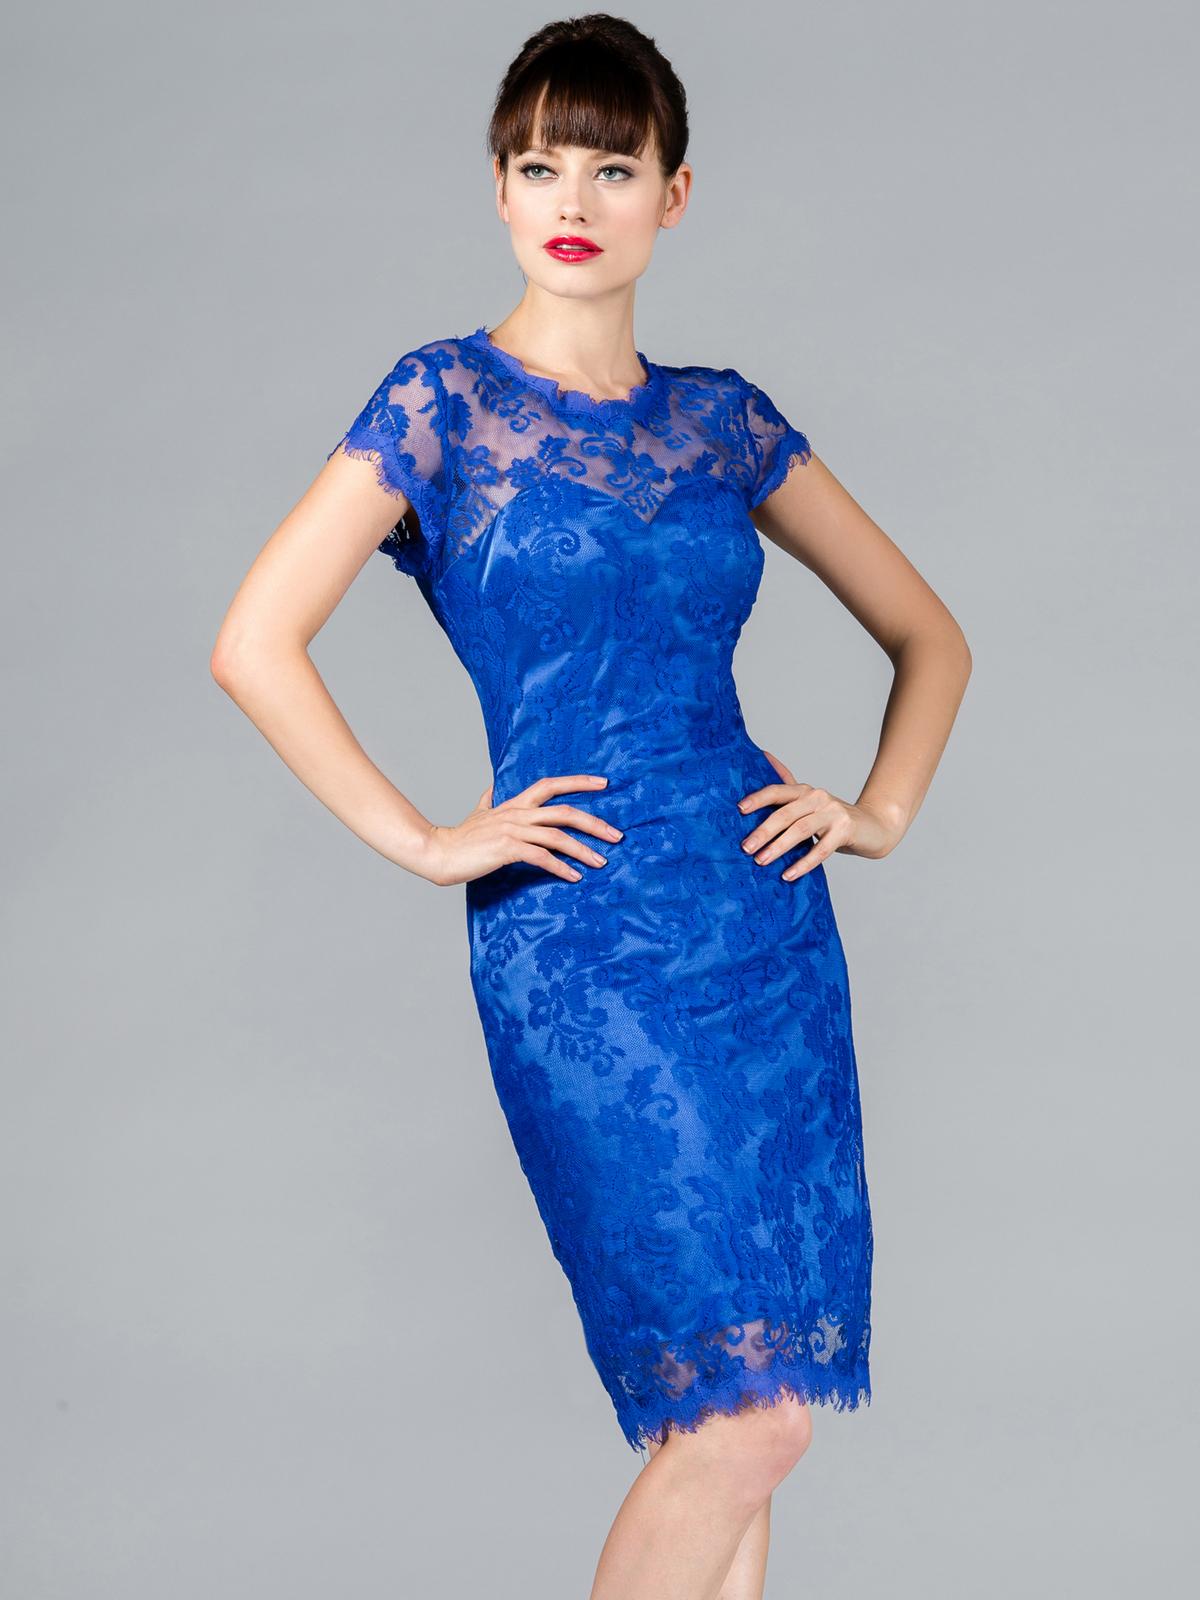 Vintage Lace Cocktail Dress  Sung Boutique L.A.